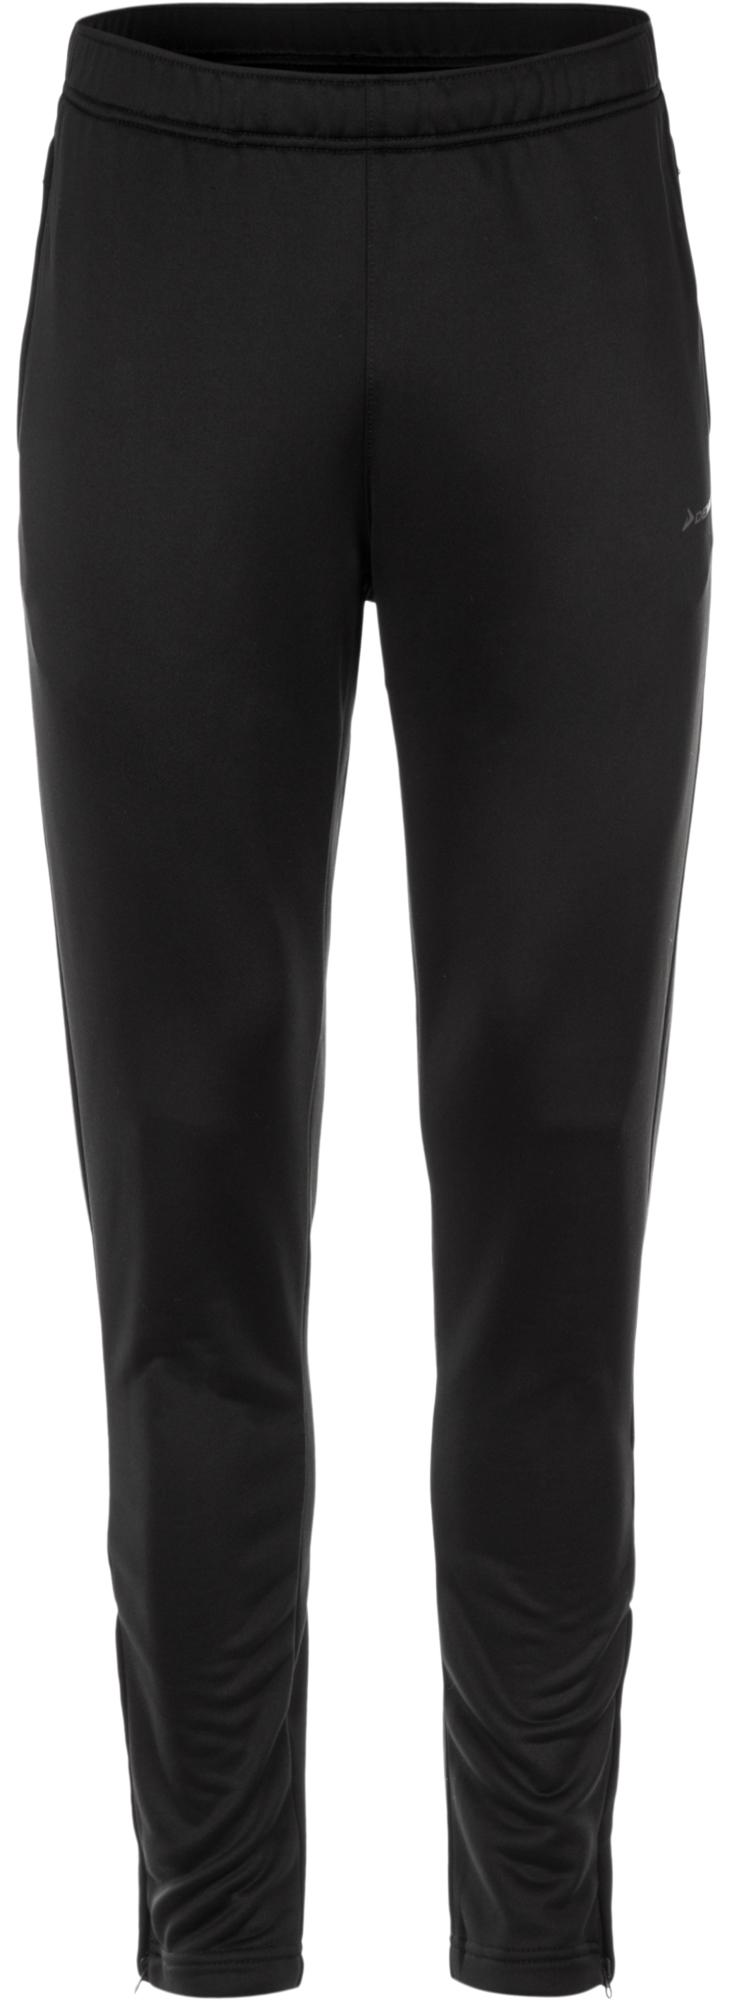 Demix Брюки мужские Demix, размер 52 брюки мужские oodji цвет темно синий 2b200024m 47530n 7900n размер 44 52 182